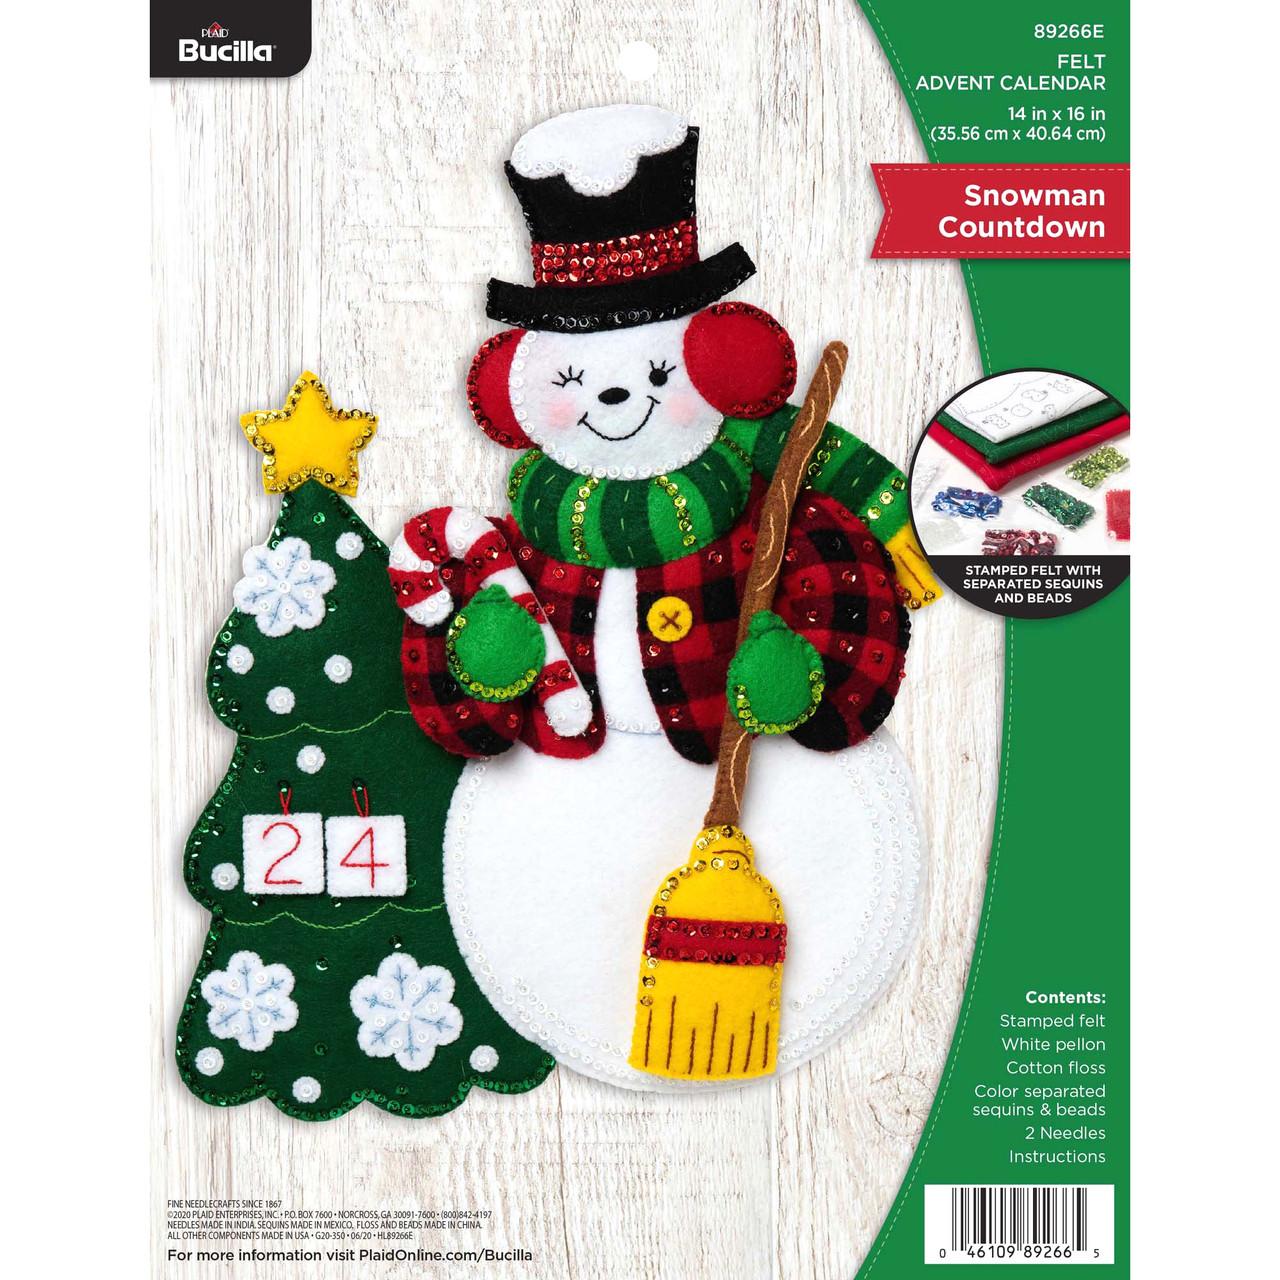 Plaid / Bucilla -  Snowman Countdown Advent Calendar Wall Hanging